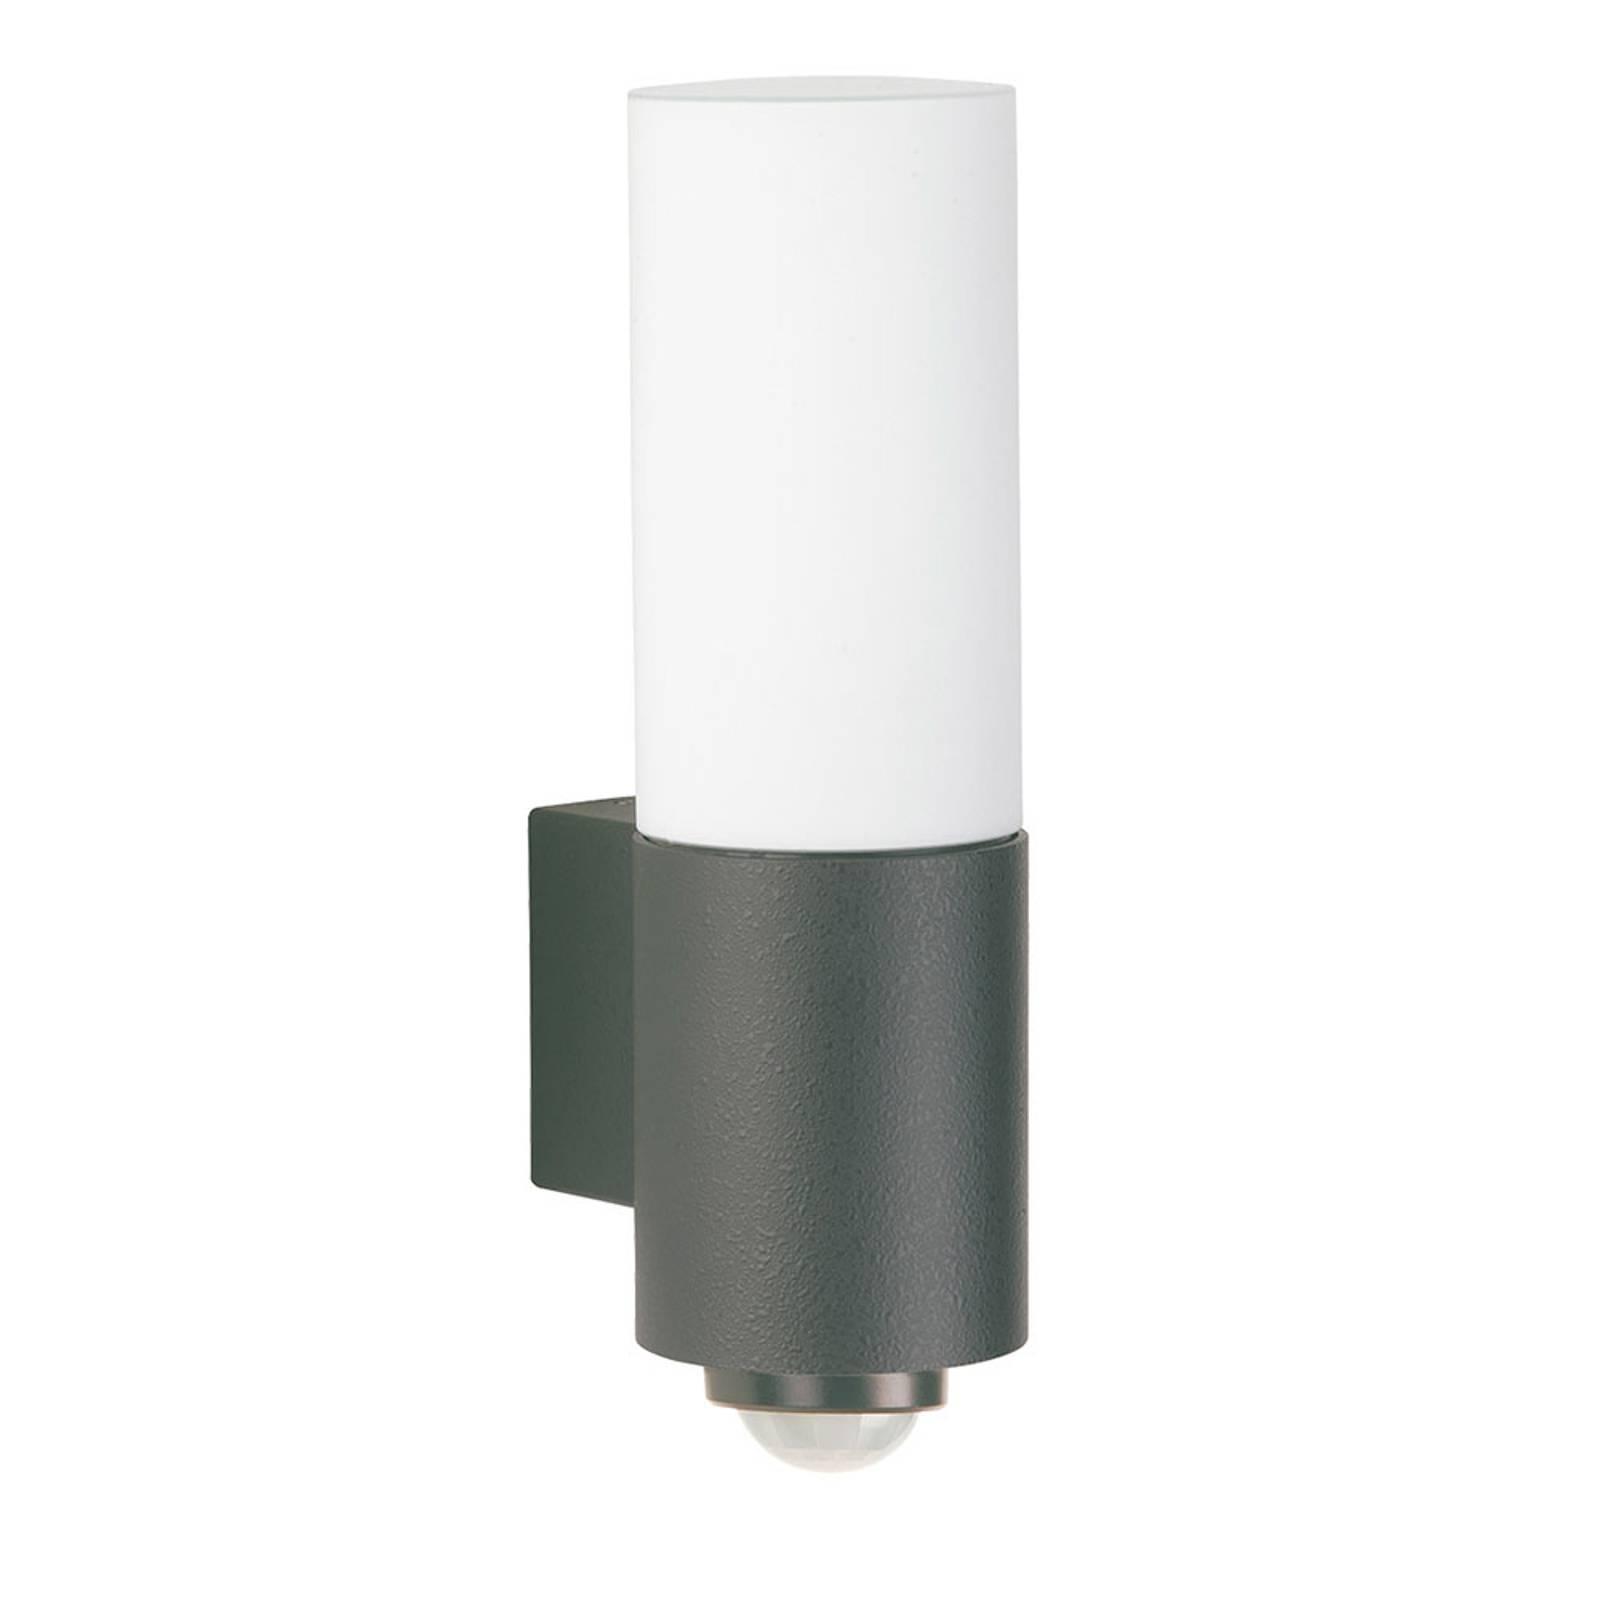 Applique LED 0278 capteur de mouvement anthracite